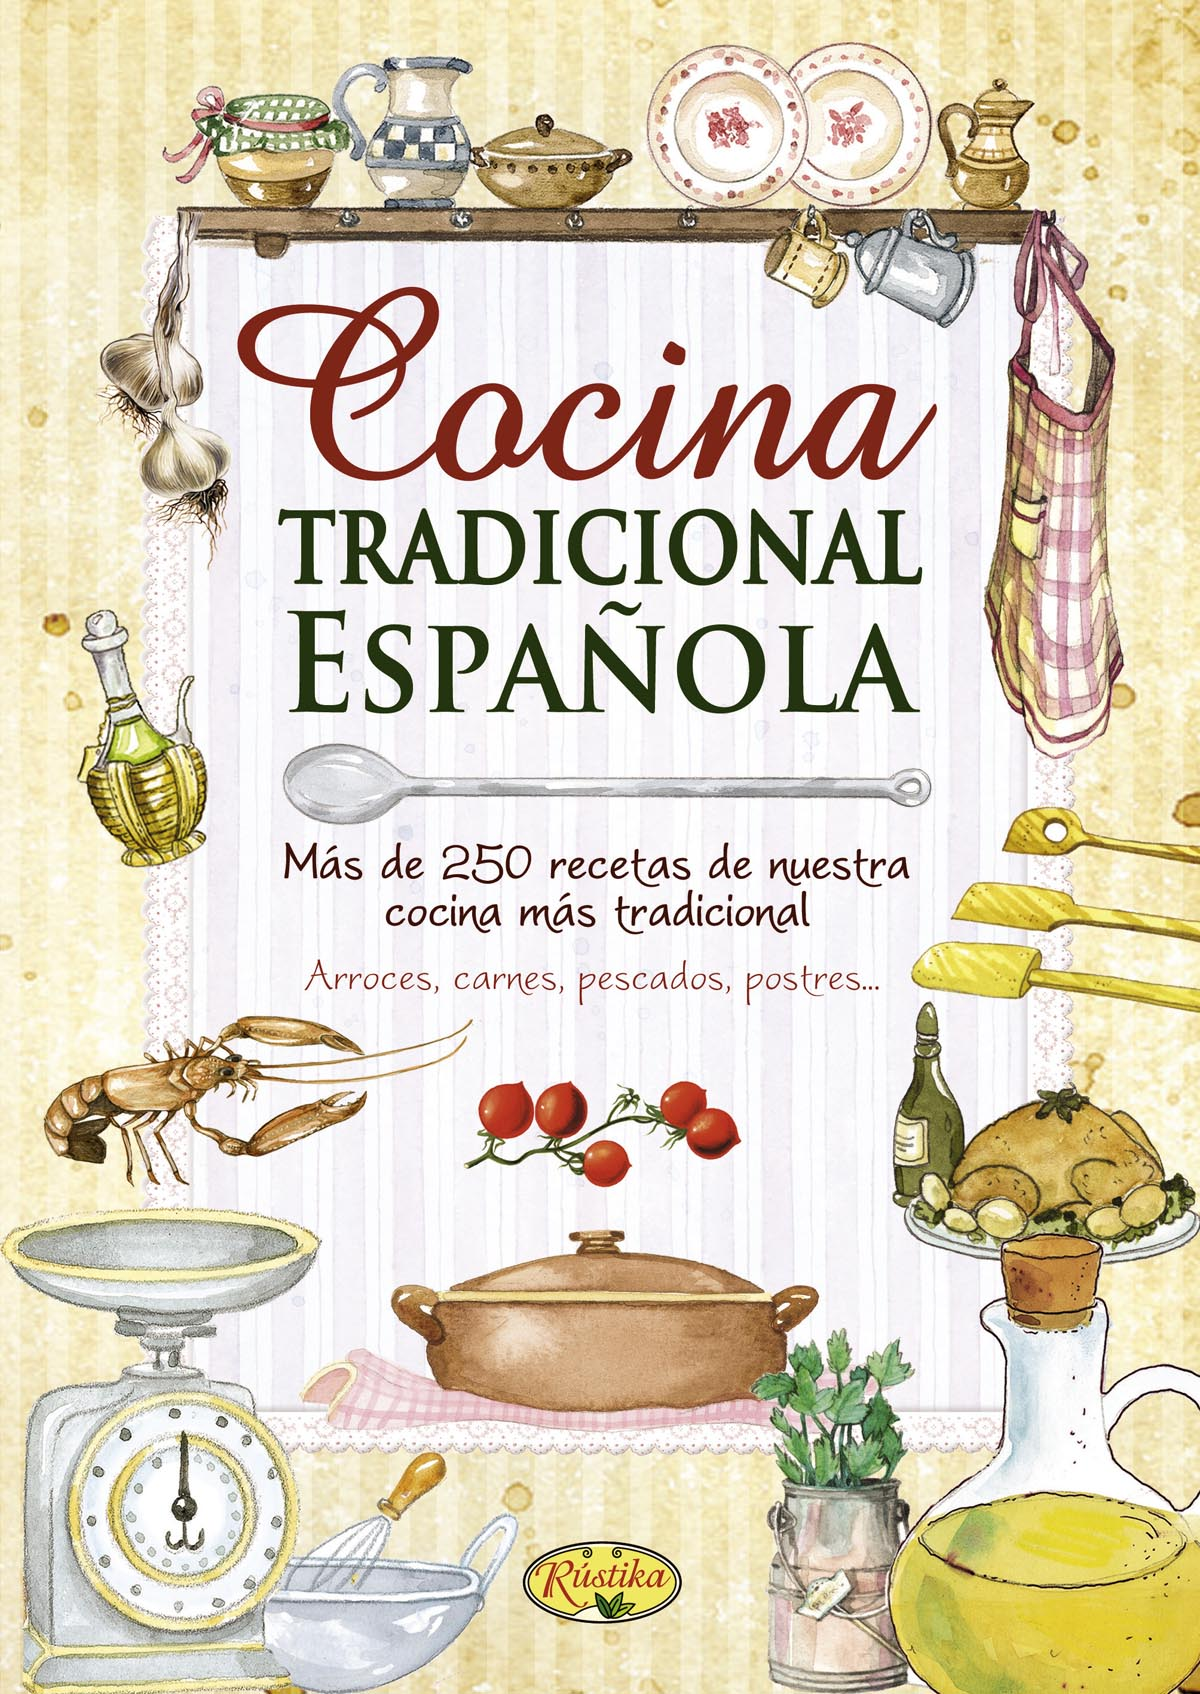 Recetas de cocina rustika todo libro libros for Cocina tradicional espanola